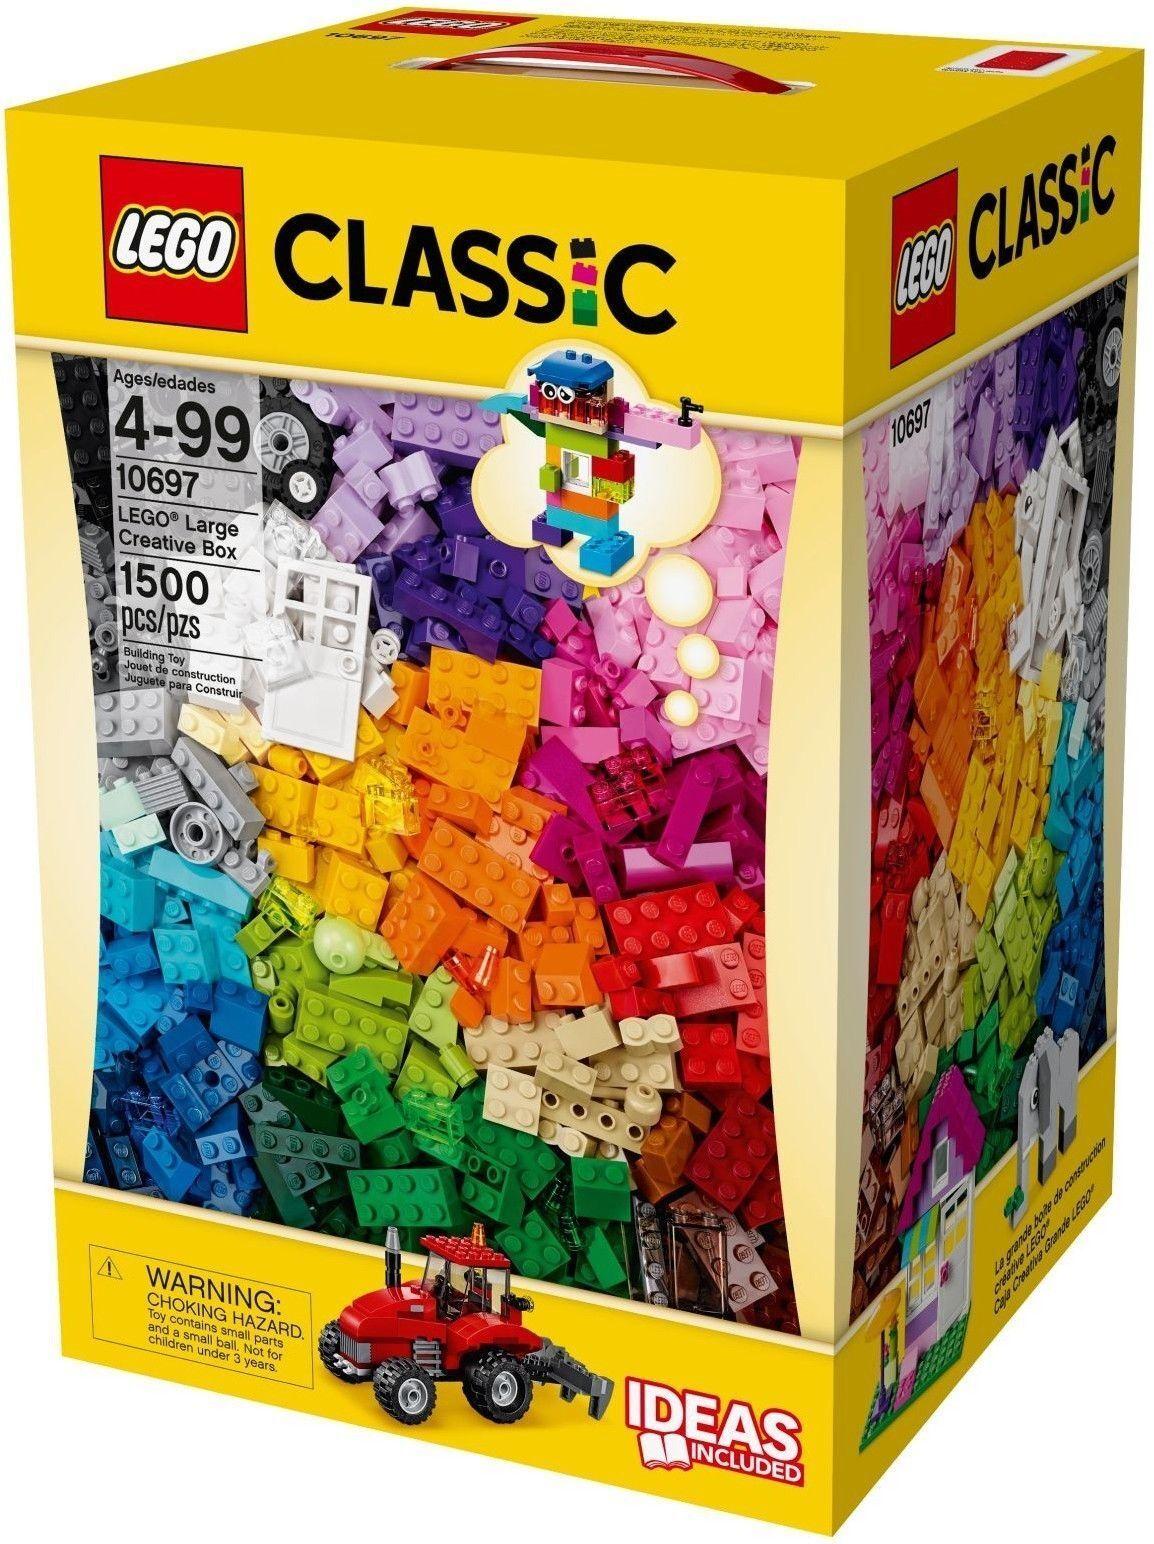 Lego Classic Caja Grande XXL 1500 Piezas Ref 10697 Bloques Nuevo Descatalogado